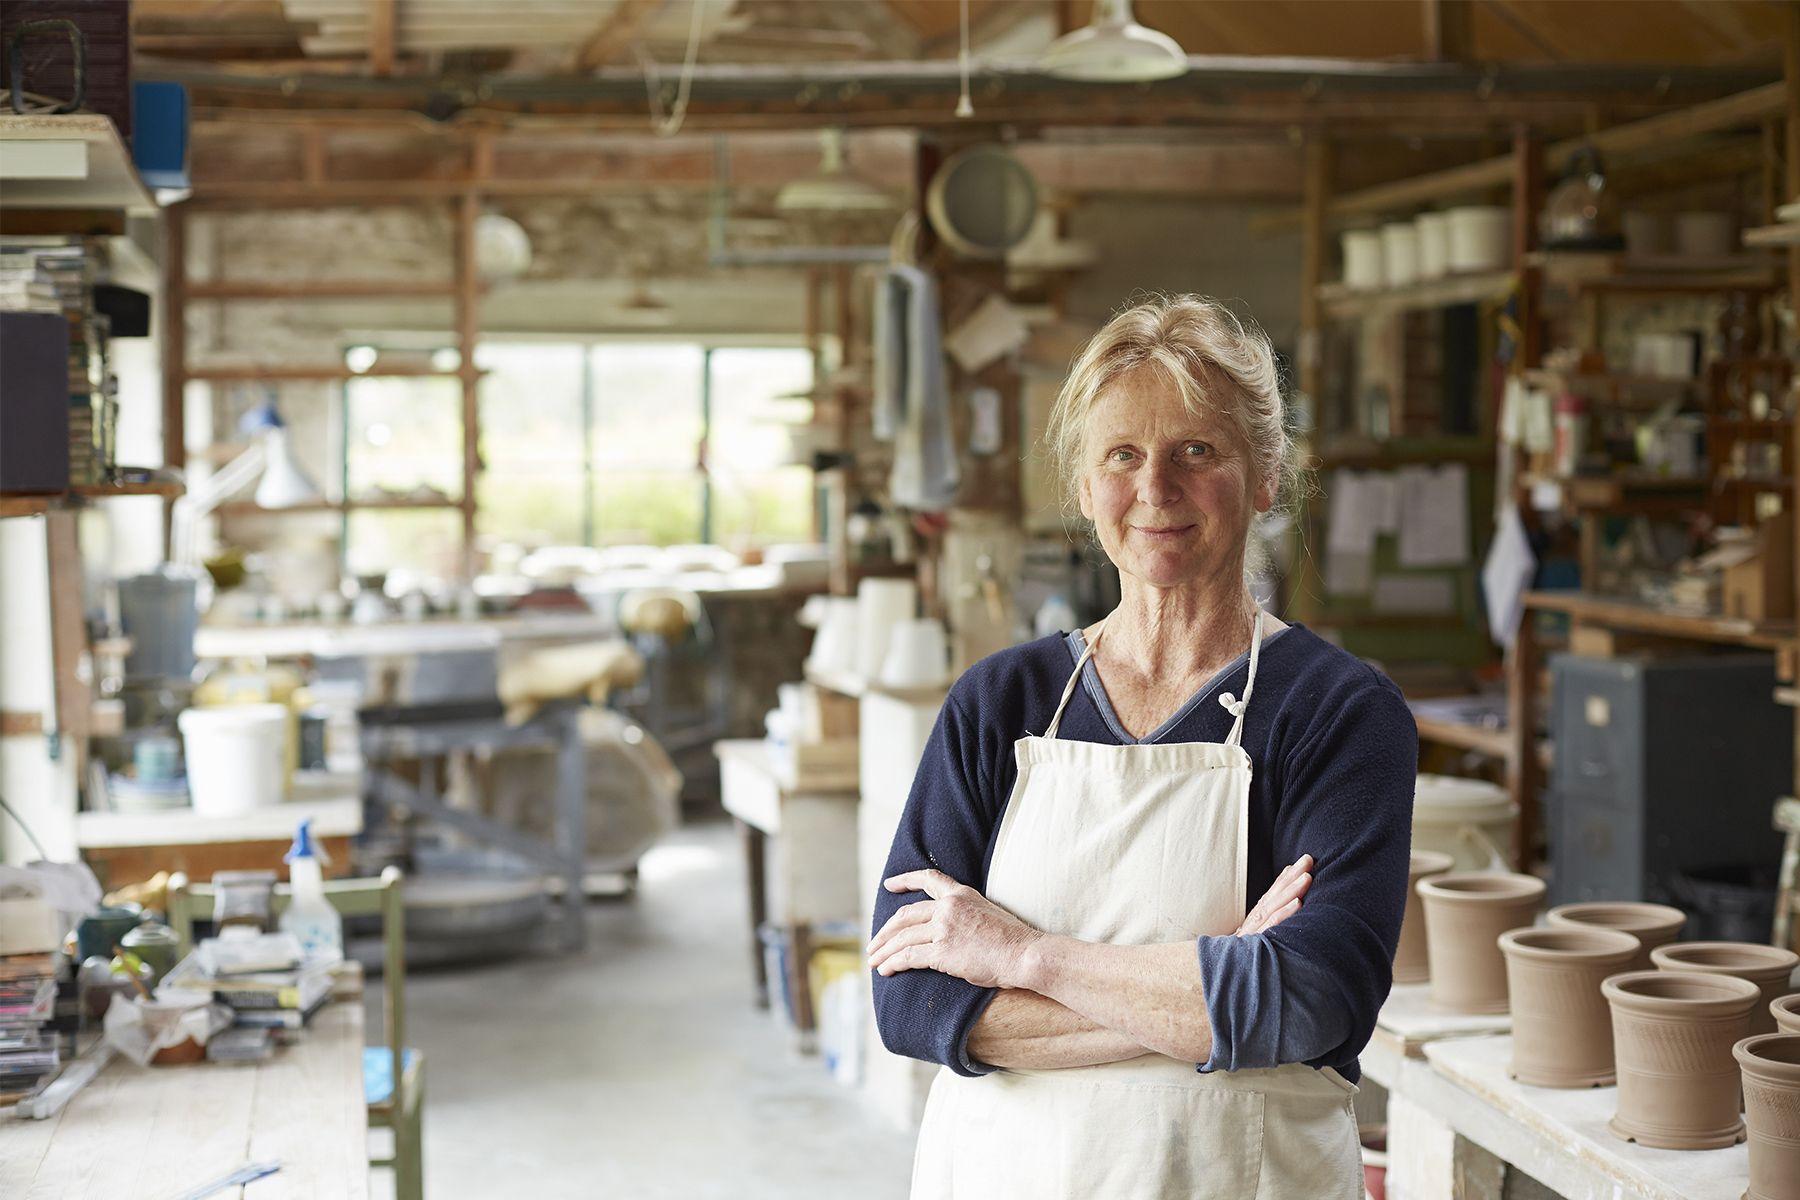 10 Best Jobs for Retirees Retirement, New job, Teacher